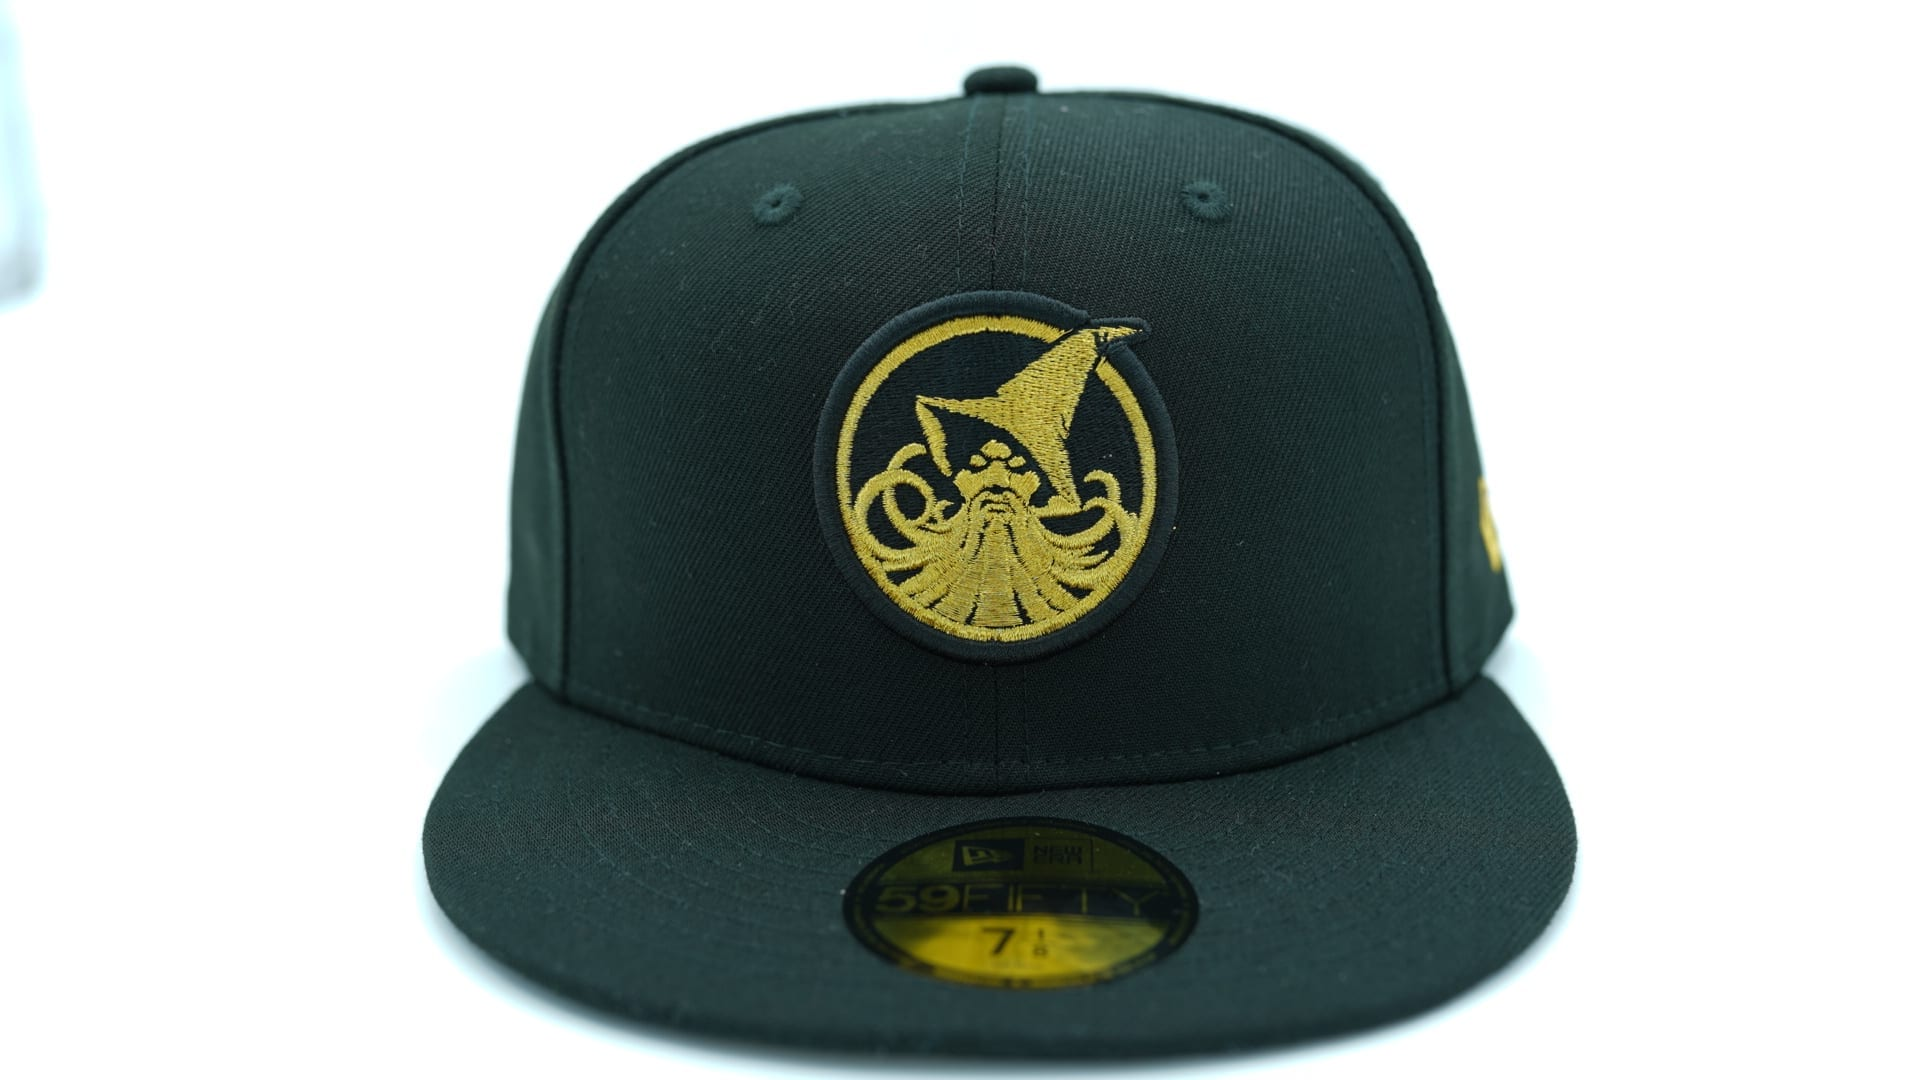 kangol-fitted-baseball-cap-weave_11.jpg